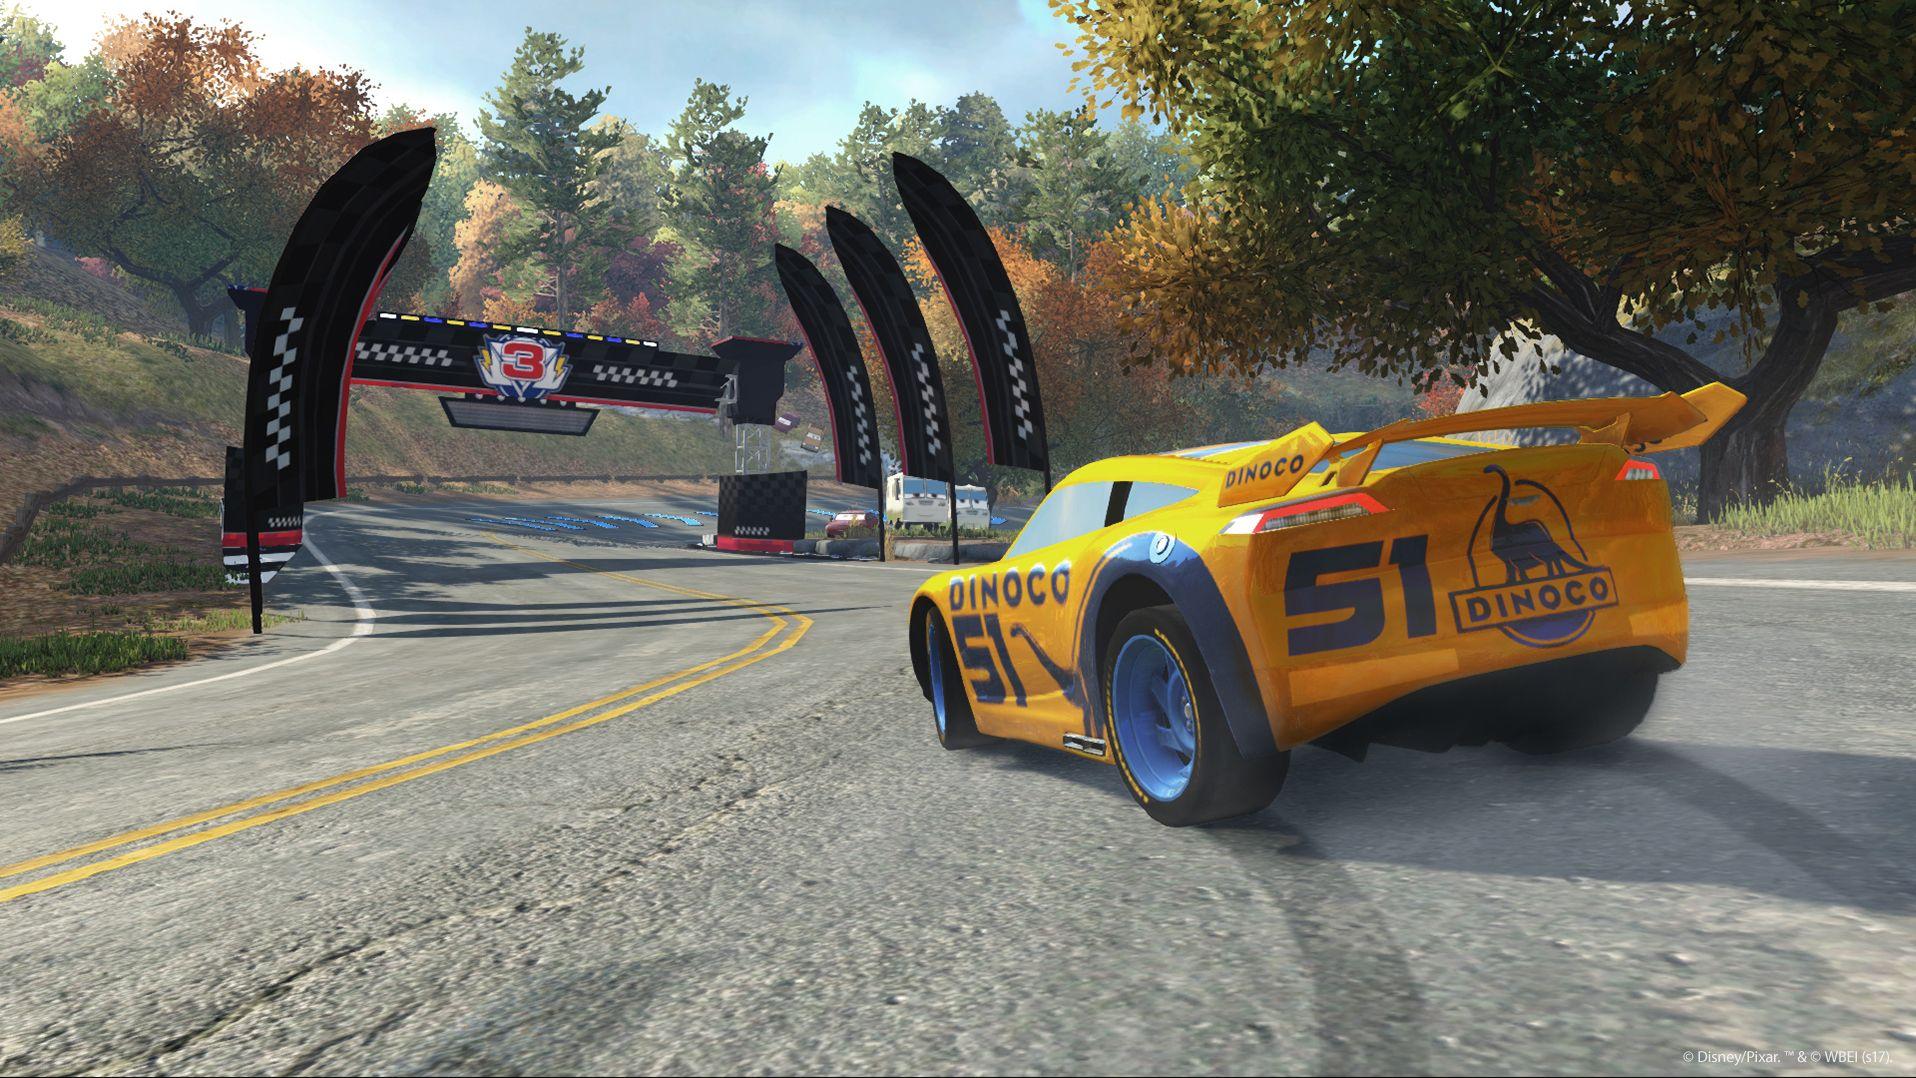 Závodní hra Auta 3 se koná po událostech z filmu 141550